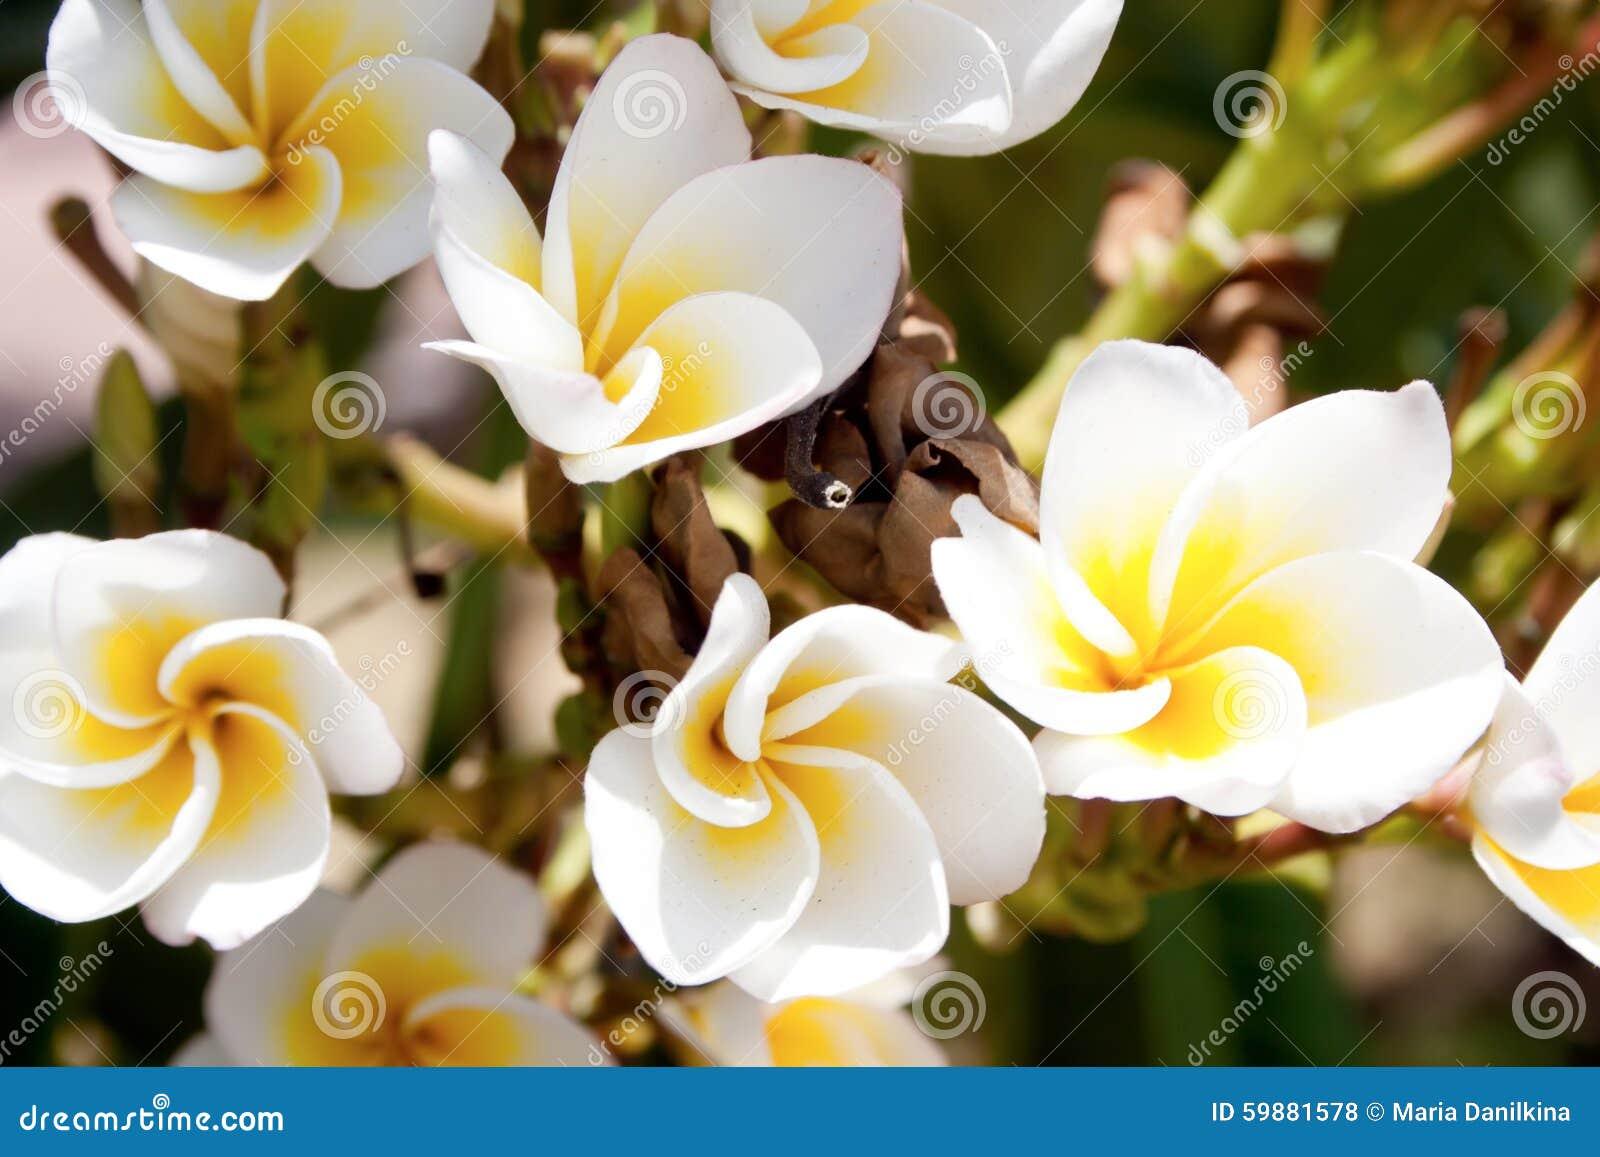 fiori bianchi e gialli di plumeria fotografia stock